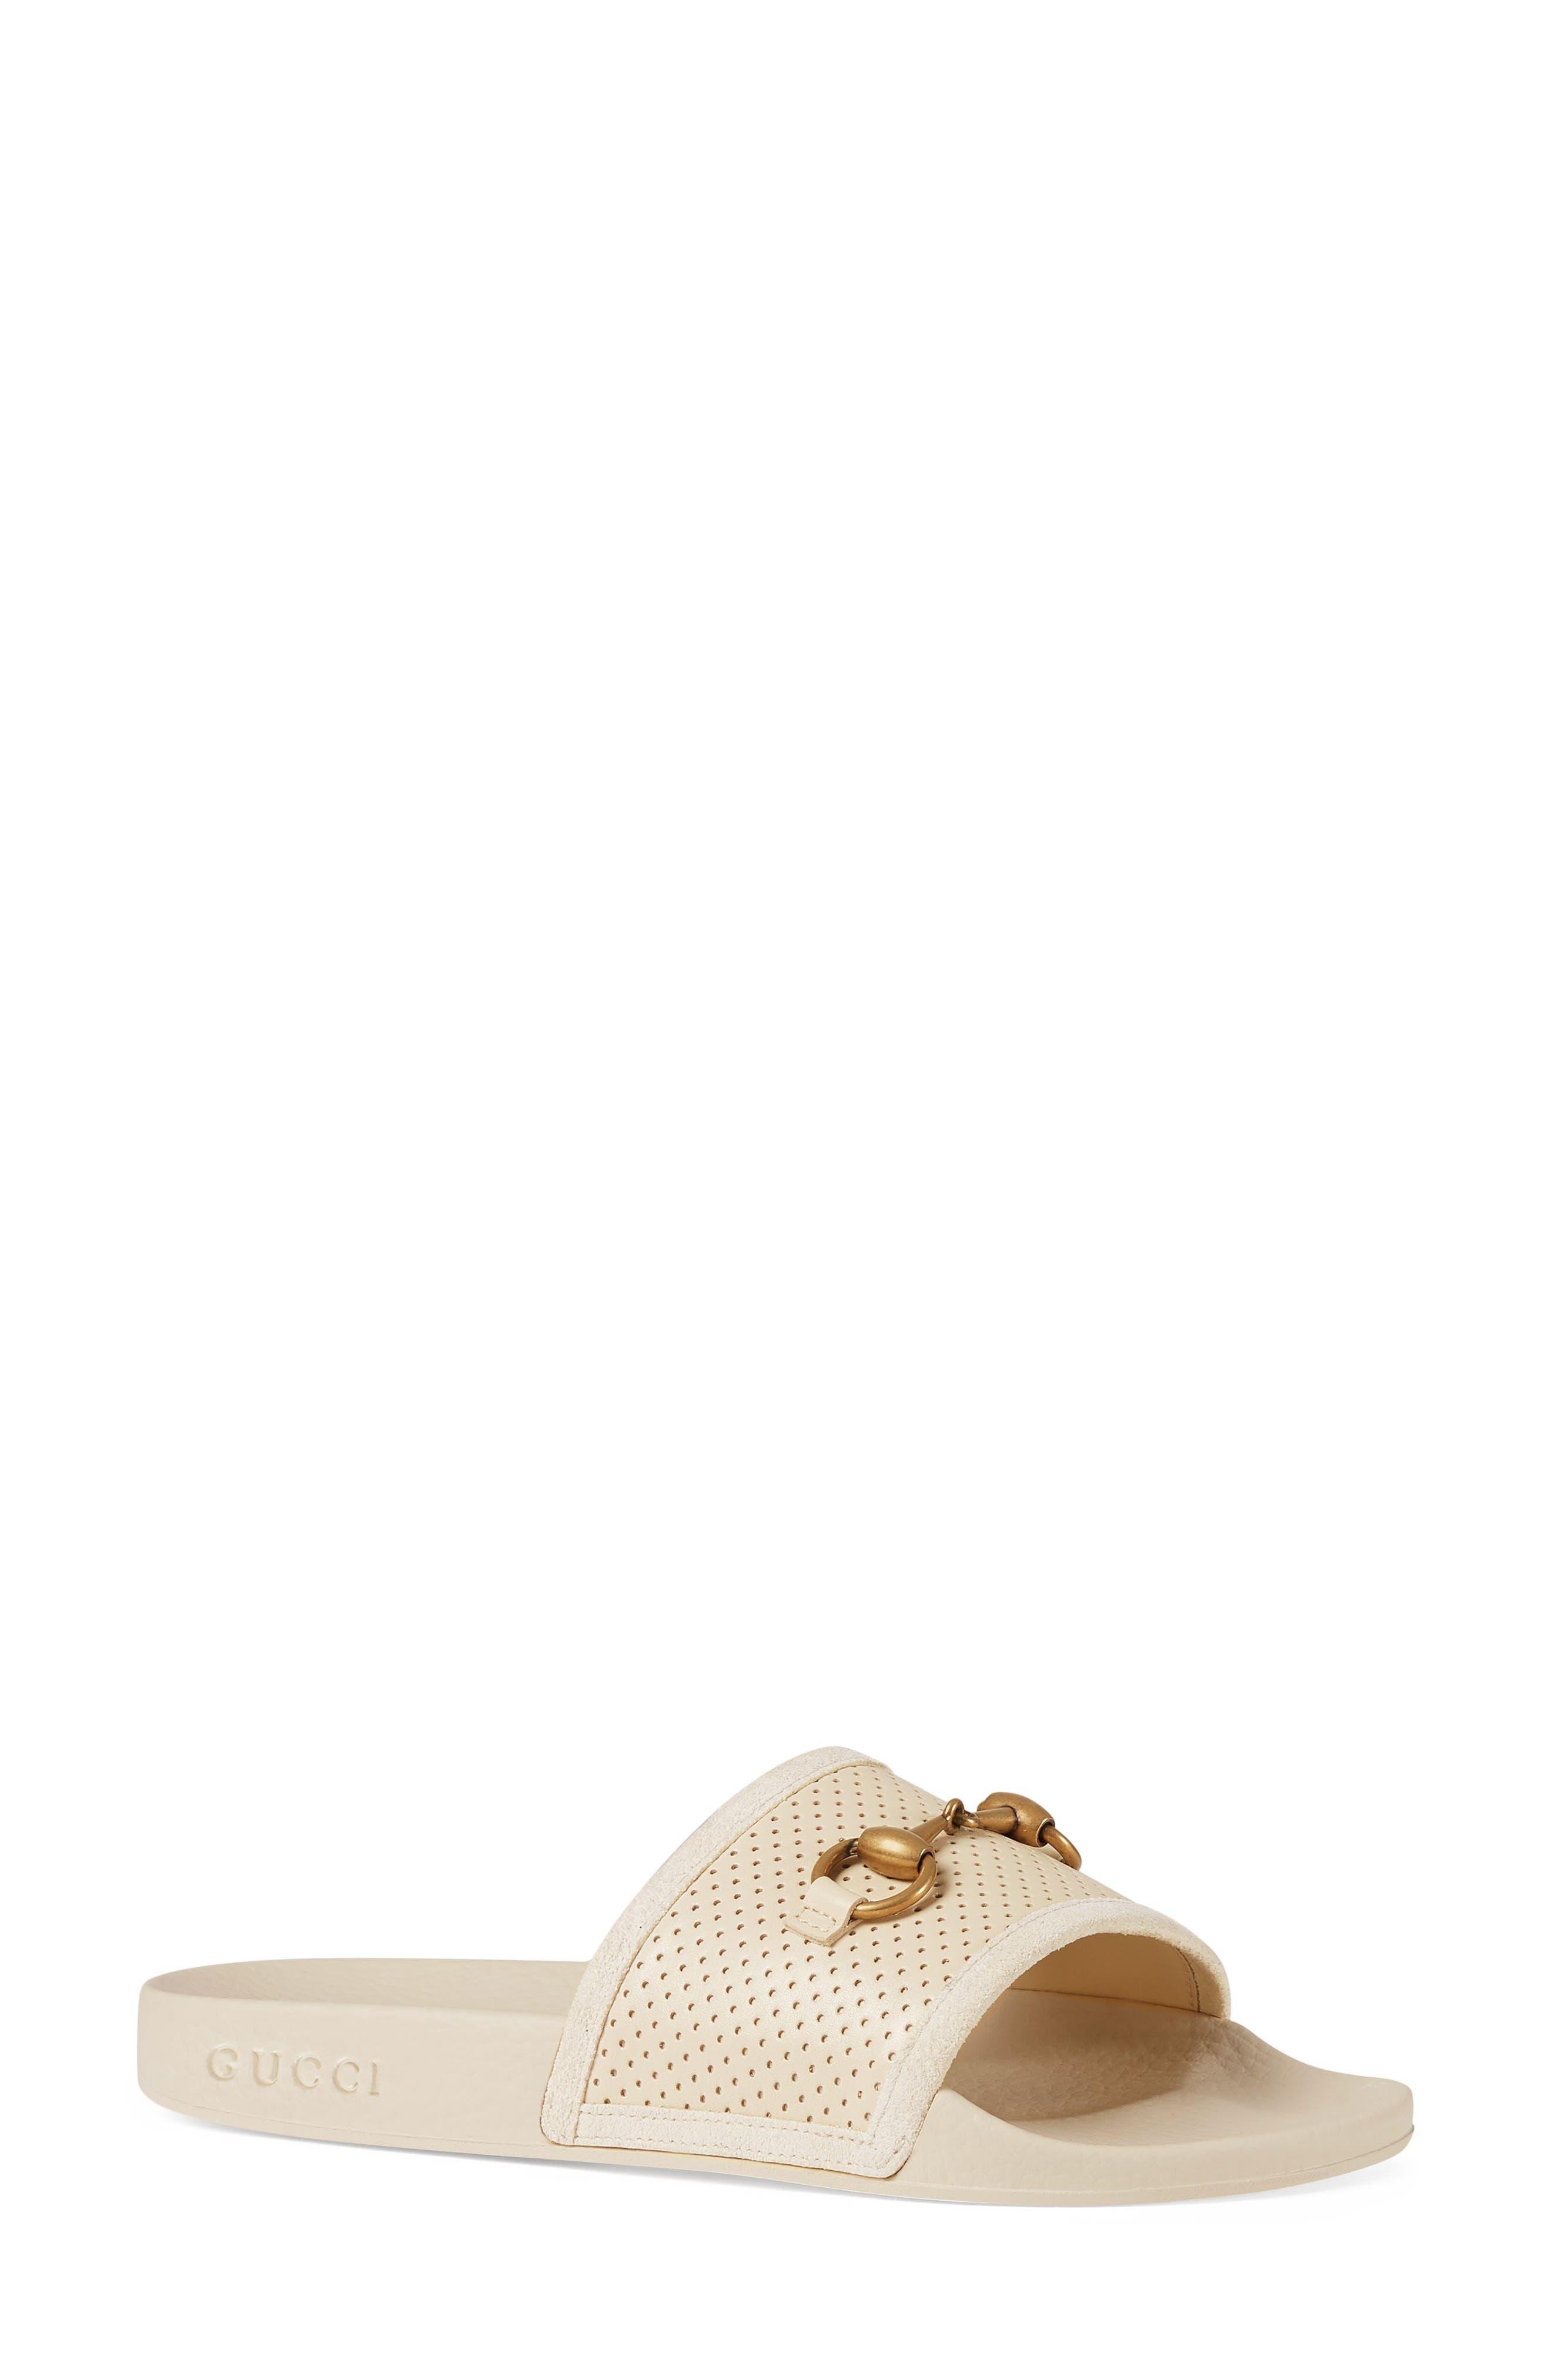 Main Image - Gucci Pursuit Horsebit Slide Sandal (Women)